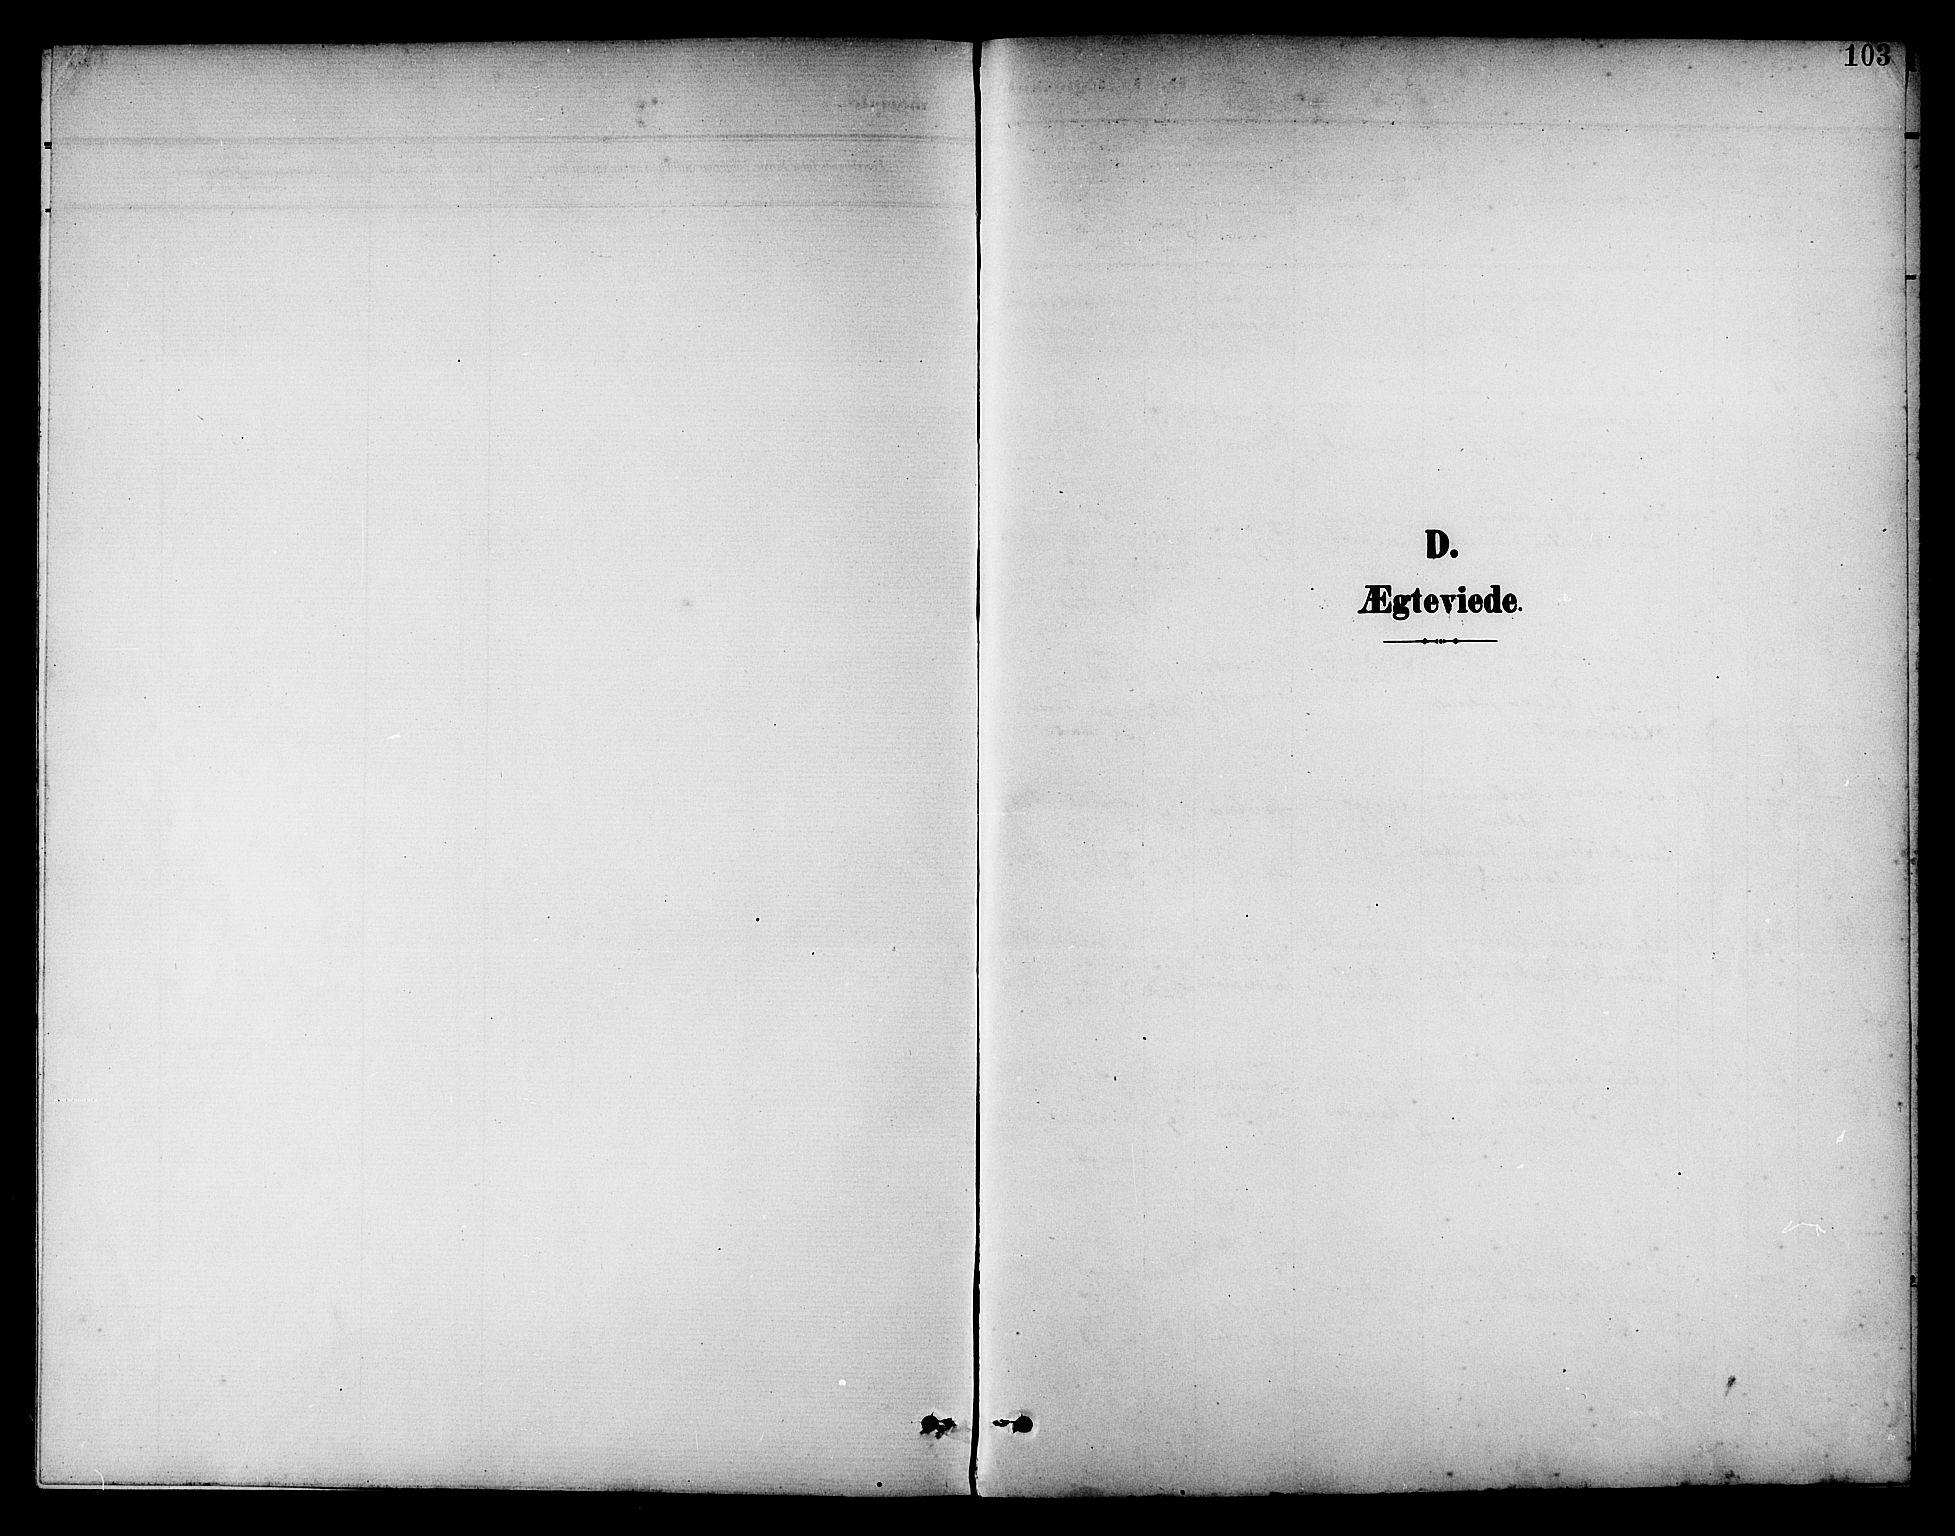 SAT, Ministerialprotokoller, klokkerbøker og fødselsregistre - Nord-Trøndelag, 742/L0412: Klokkerbok nr. 742C03, 1898-1910, s. 103